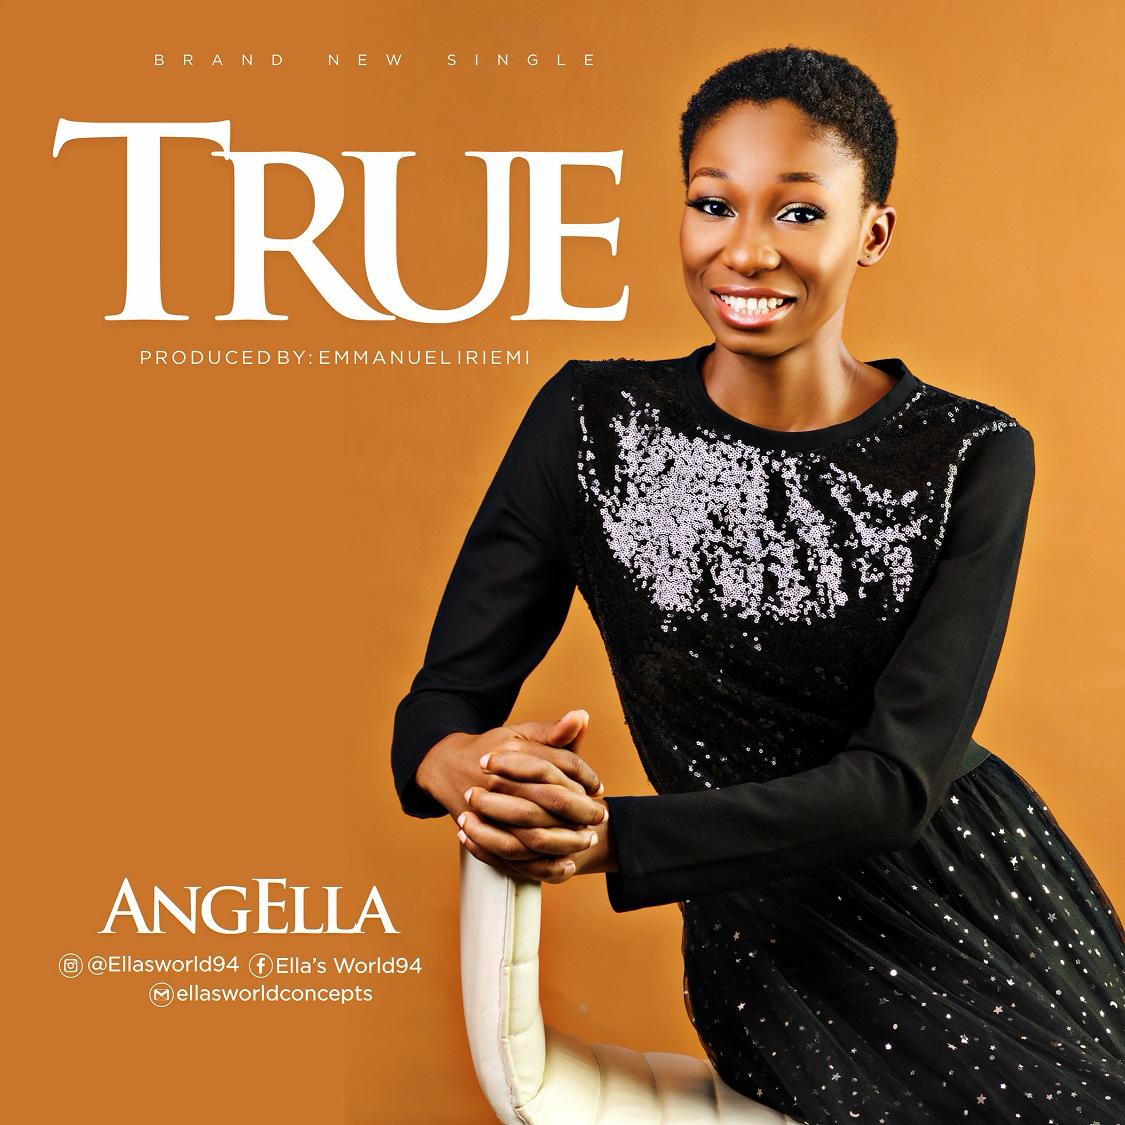 MUSIC: TRUE BY ANGELLA